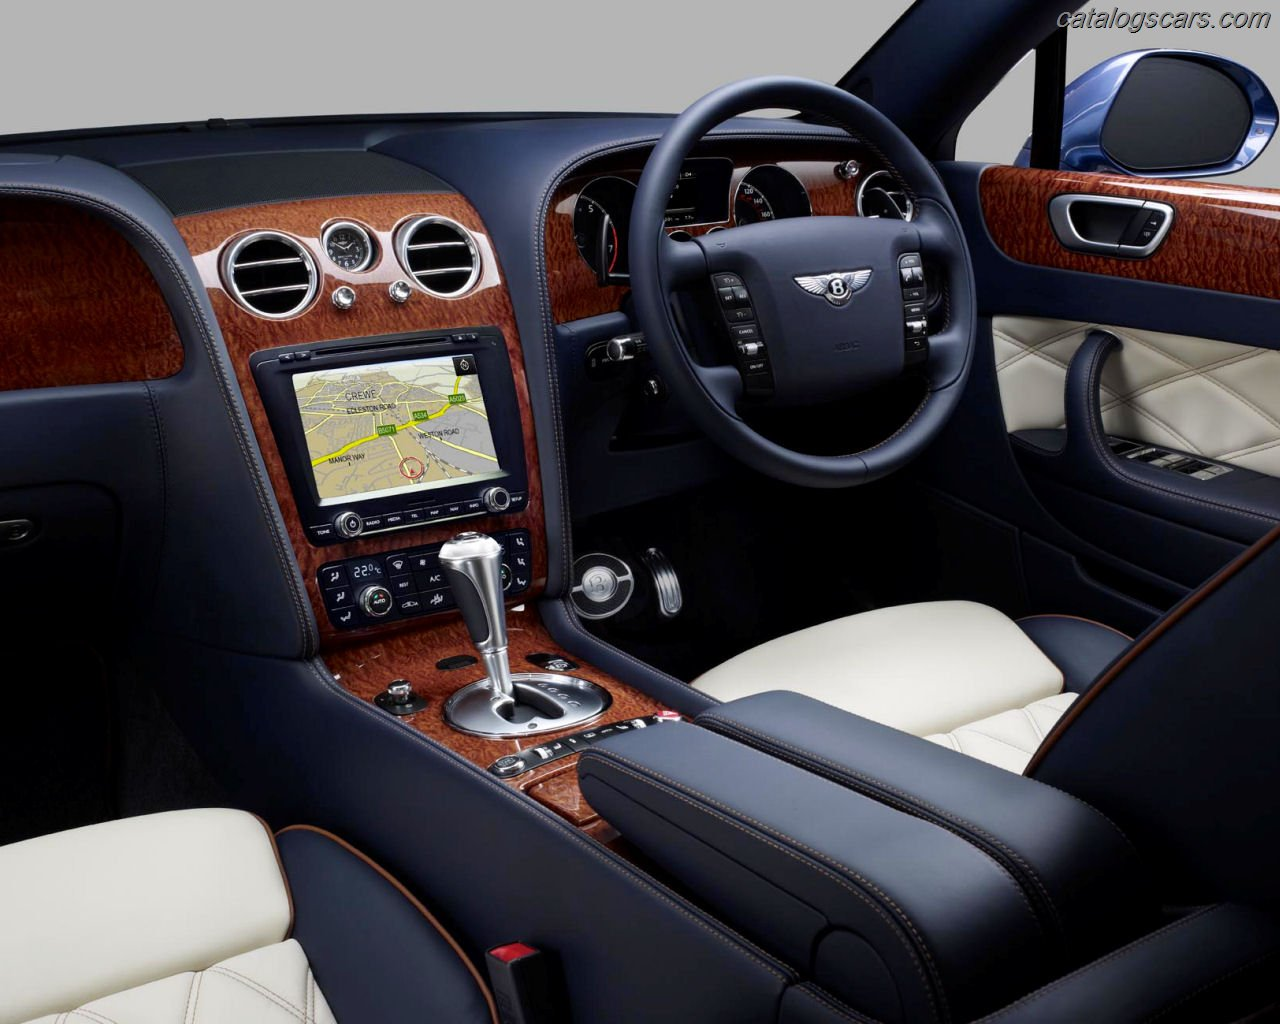 صور سيارة بنتلى كونتيننتال سيريس 51 2014 - اجمل خلفيات صور عربية بنتلى كونتيننتال سيريس 51 2014 - Bentley Continental Series 51 Photos Bentley-Continental-Series-51-2011-11.jpg